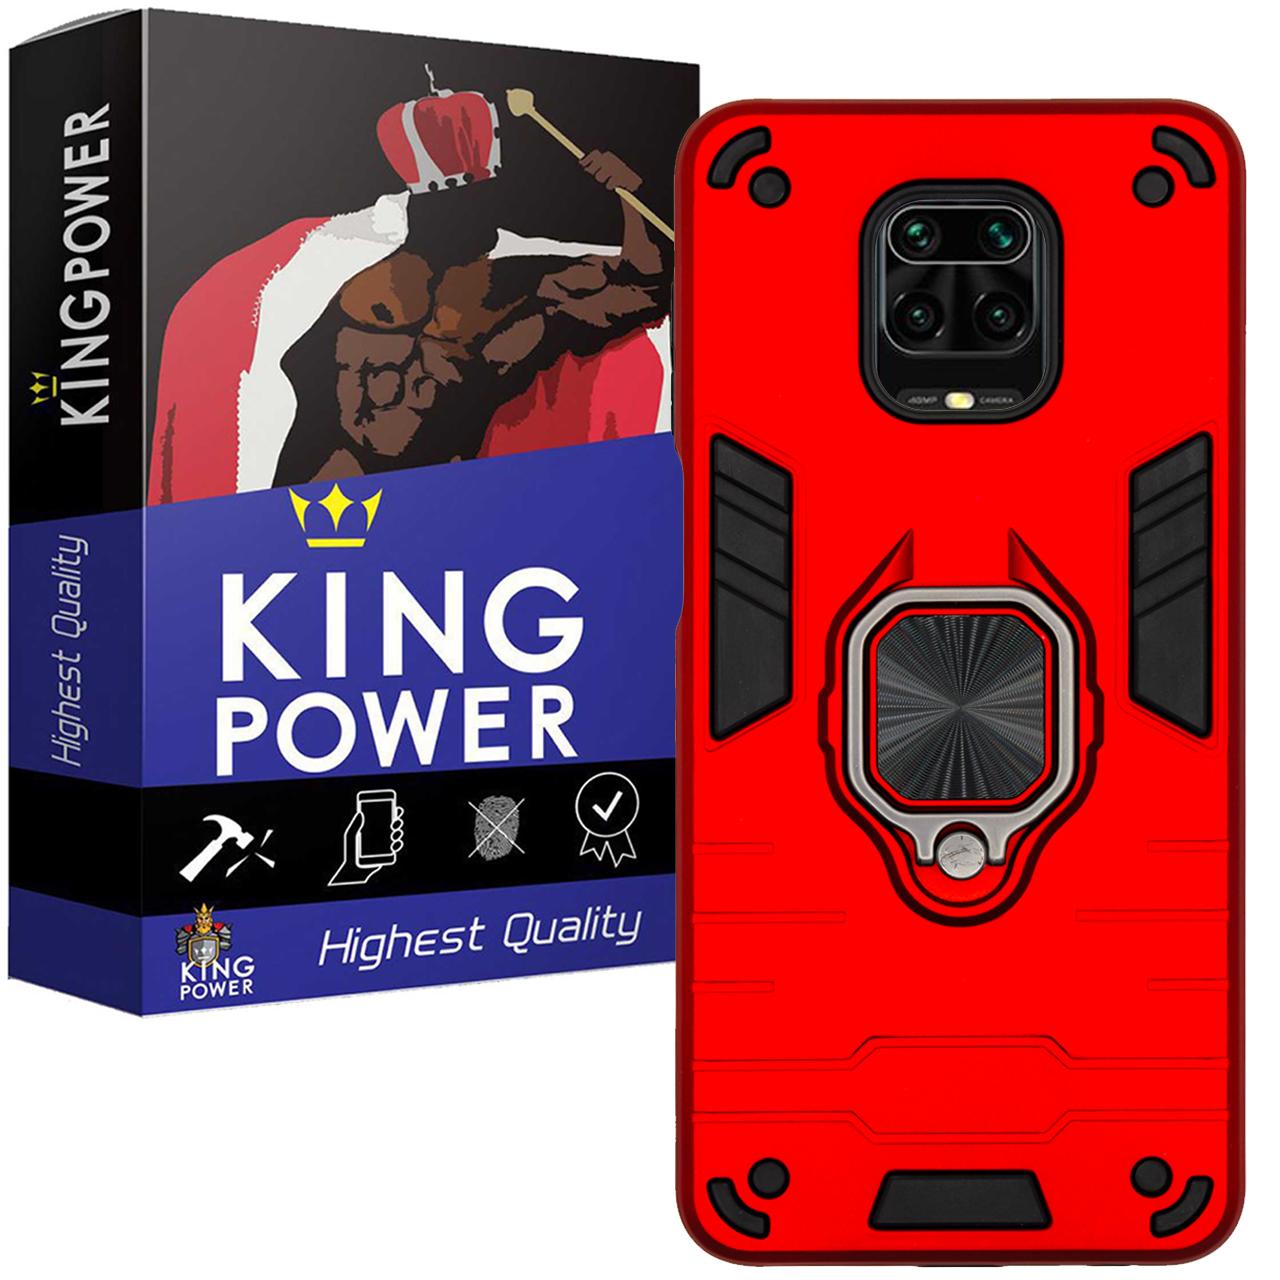 کاور کینگ پاور مدل ASH22 مناسب برای گوشی موبایل شیائومی Redmi Note 9S / Note 9 Pro / Note 9 Pro Max              ( قیمت و خرید)